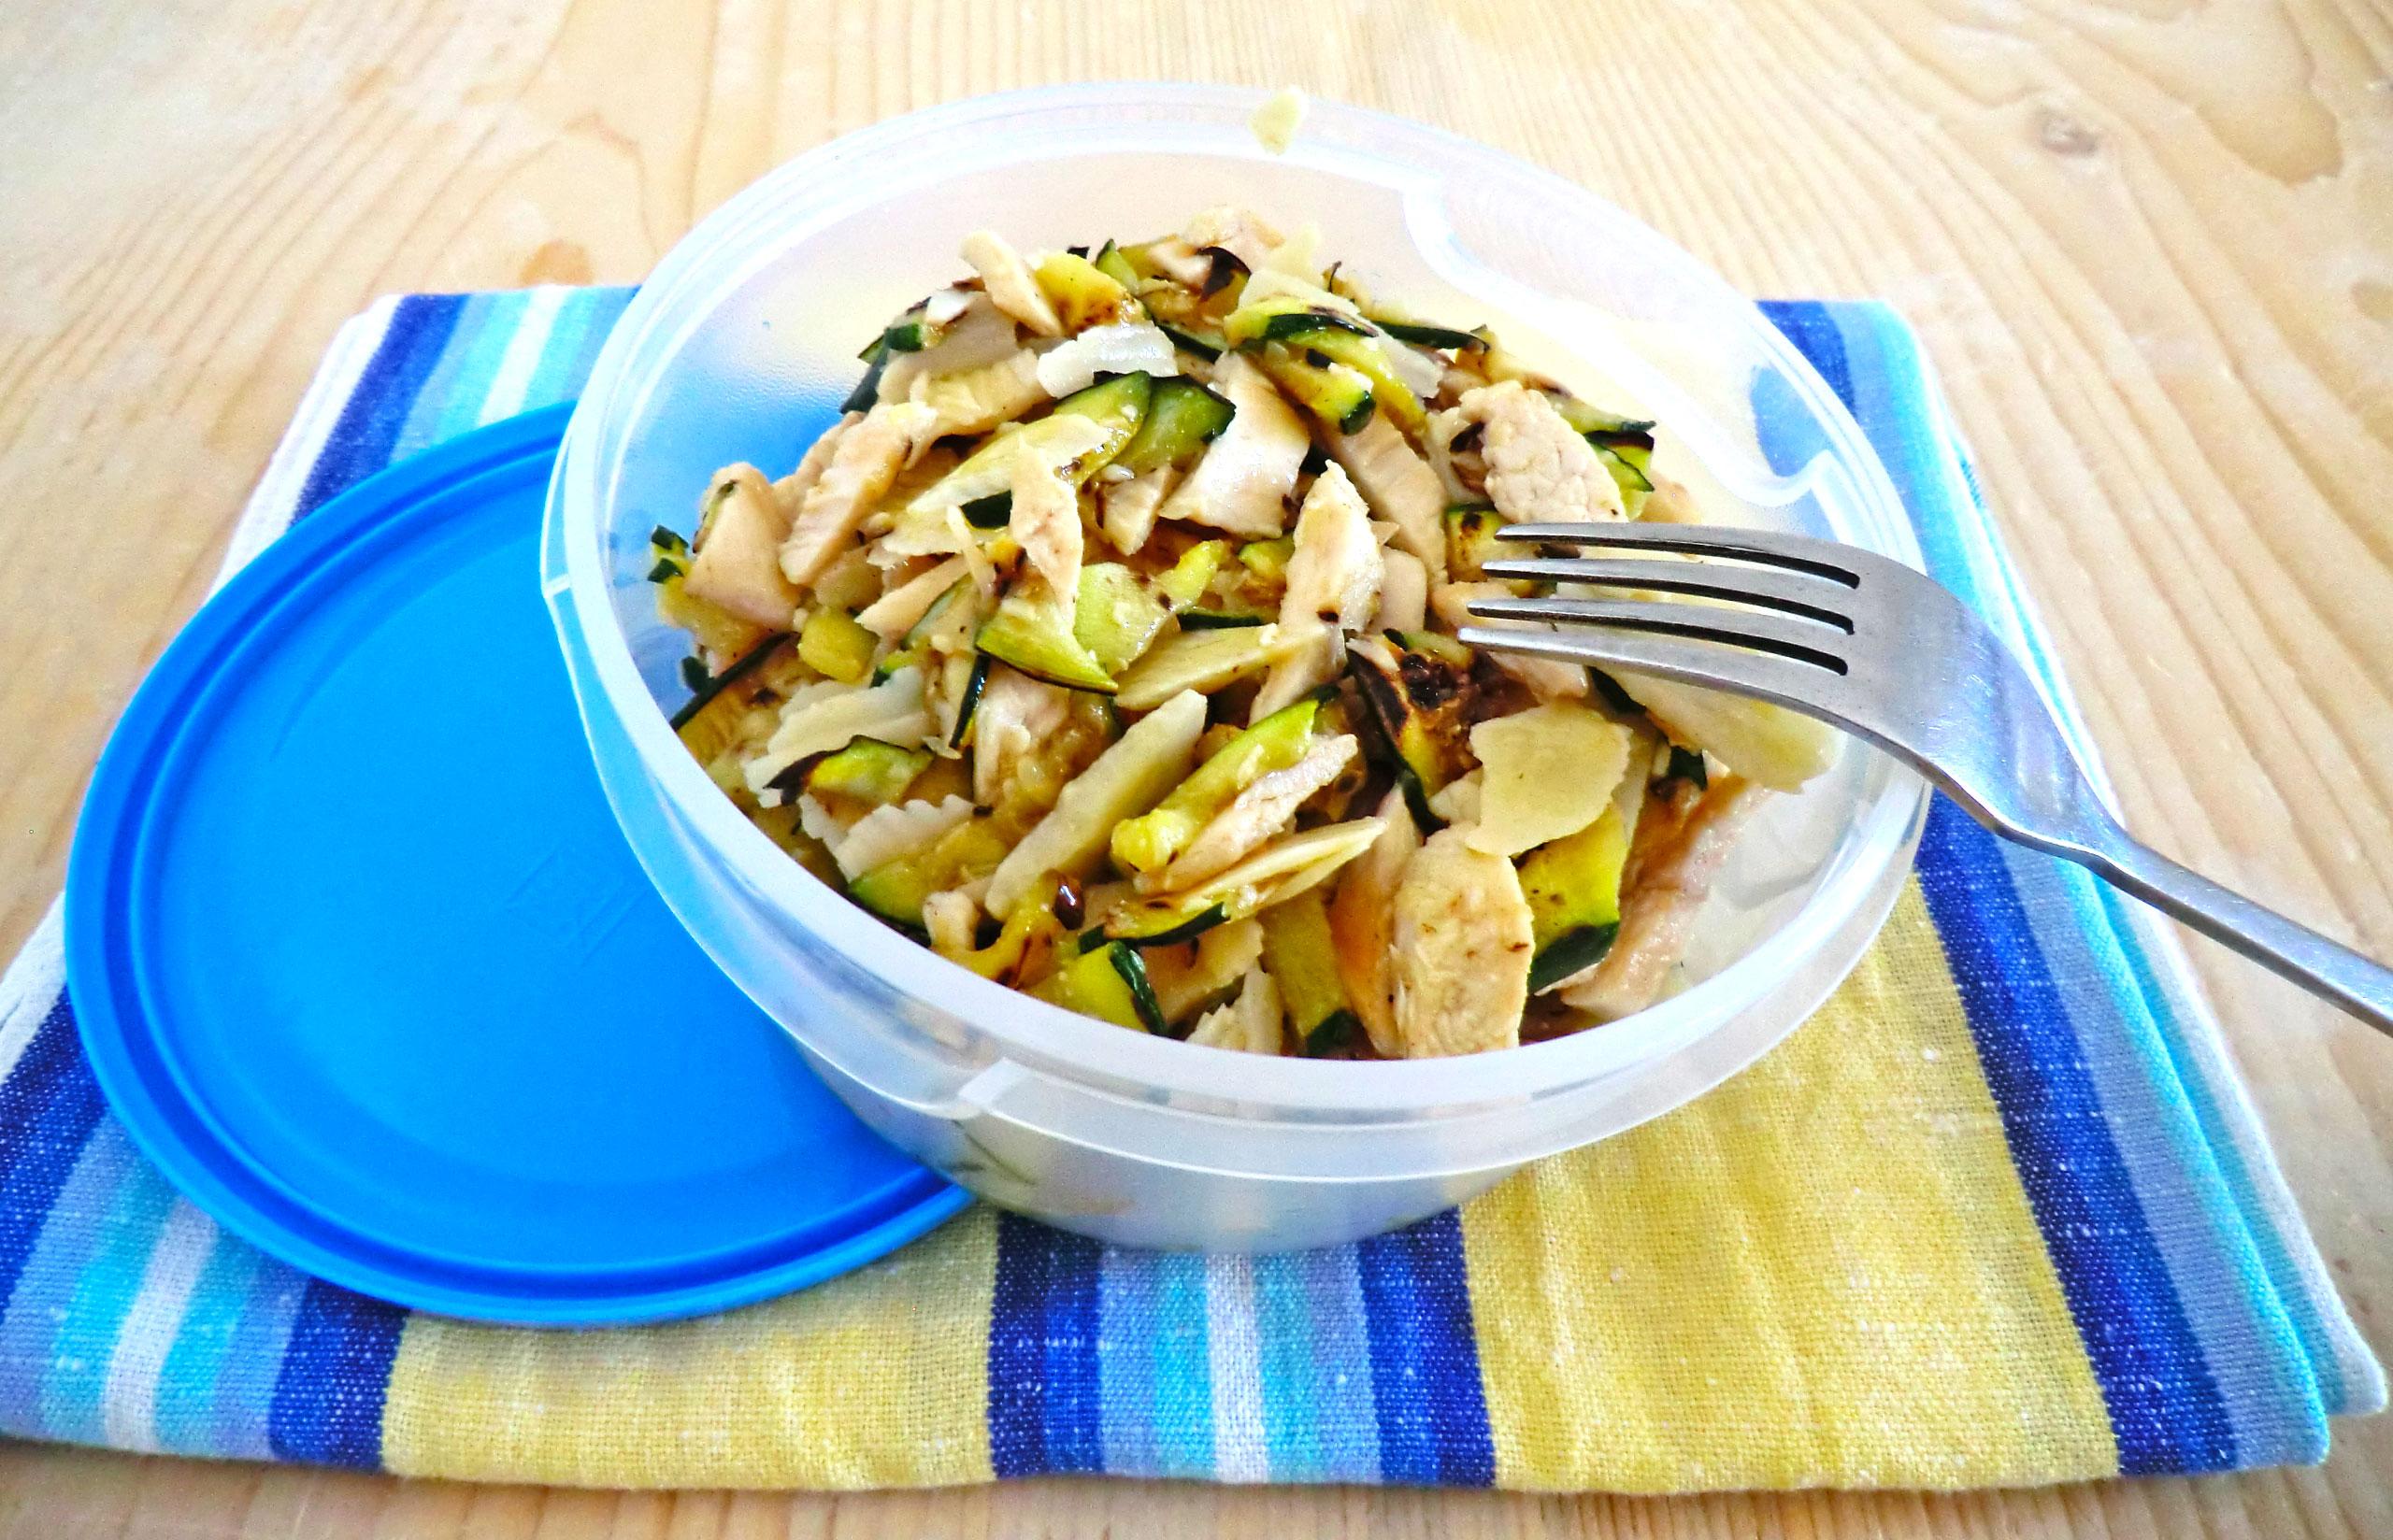 Insalata di pollo zucchine e gran moravia le ricette di - Borsa pranzo ikea ...